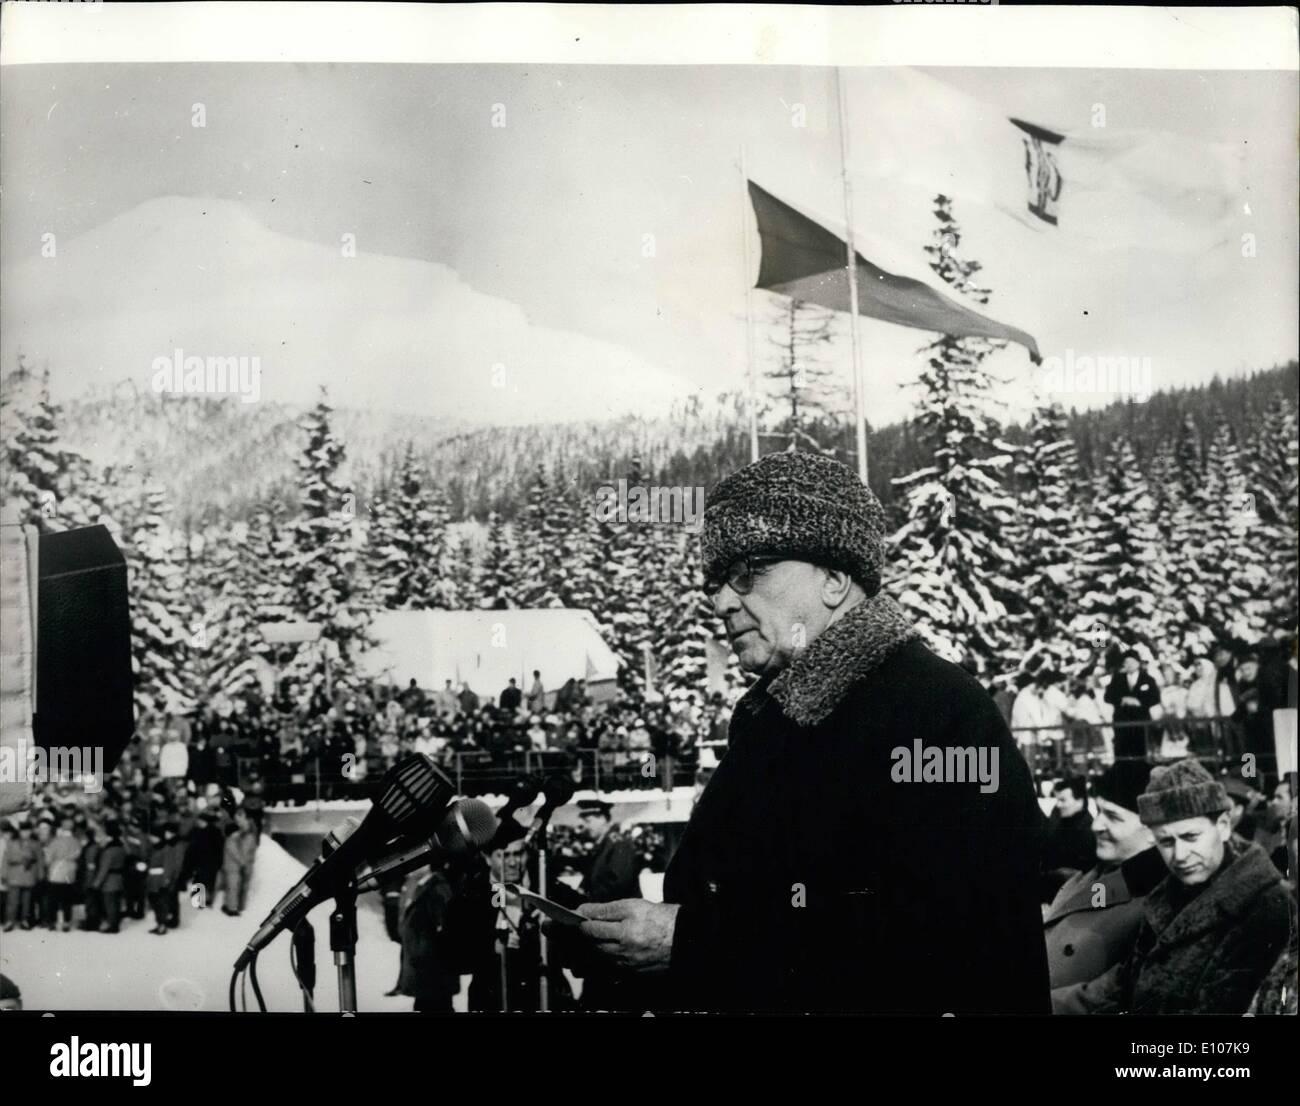 2. Februar 1970 - World Championships In Nordic Ski Events: 28. Weltmeisterschaften in Nordic-Ski-Veranstaltungen, öffneten sich am Samstag um Stroske Pleso, Tschechoslowakei. Das Foto zeigt. Tschechoslowakische Präsident Ludvik Svoboda unter deren Schirmherrschaft die Meisterschaften abgehalten wurden, gesehen Adressierung der Teilnehmer in Strbske Pleso. Stockbild